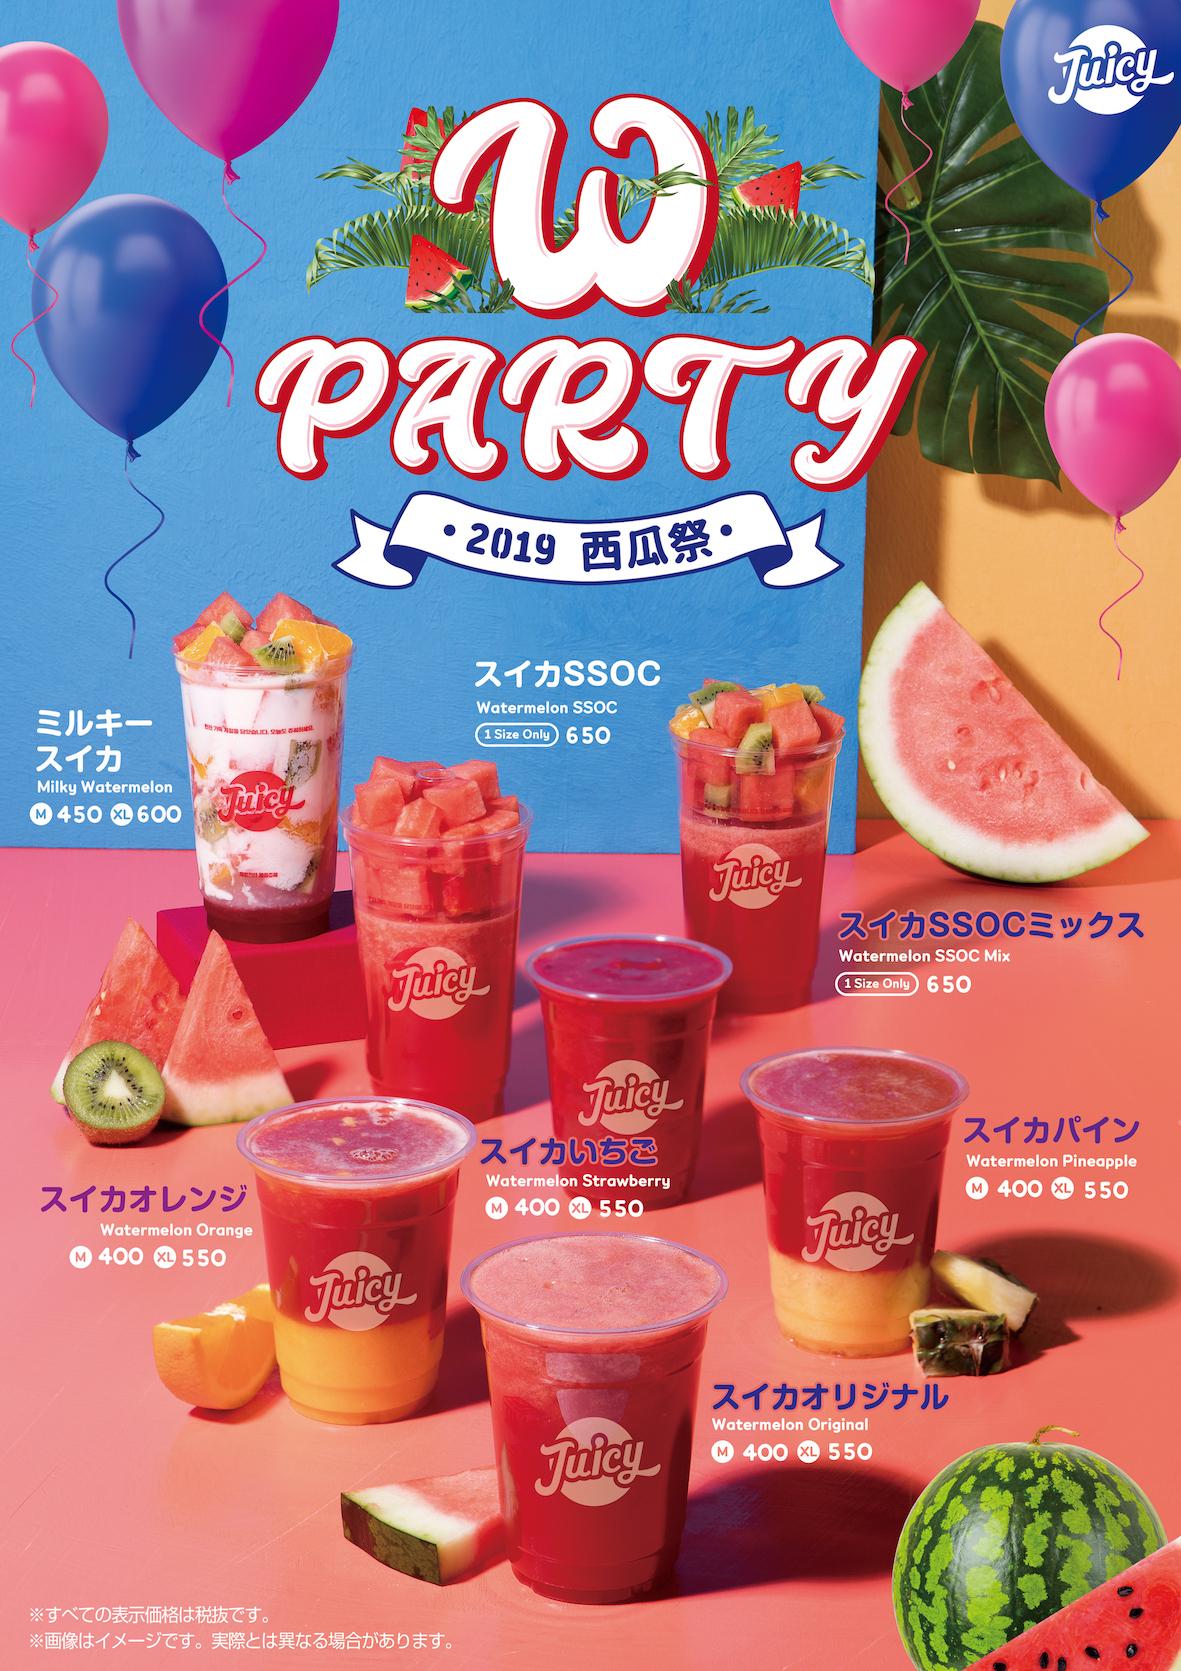 この夏大ヒット間違いなしの「W party」スイカジュース7種がJUICYから5月24日(金)に販売... 画像